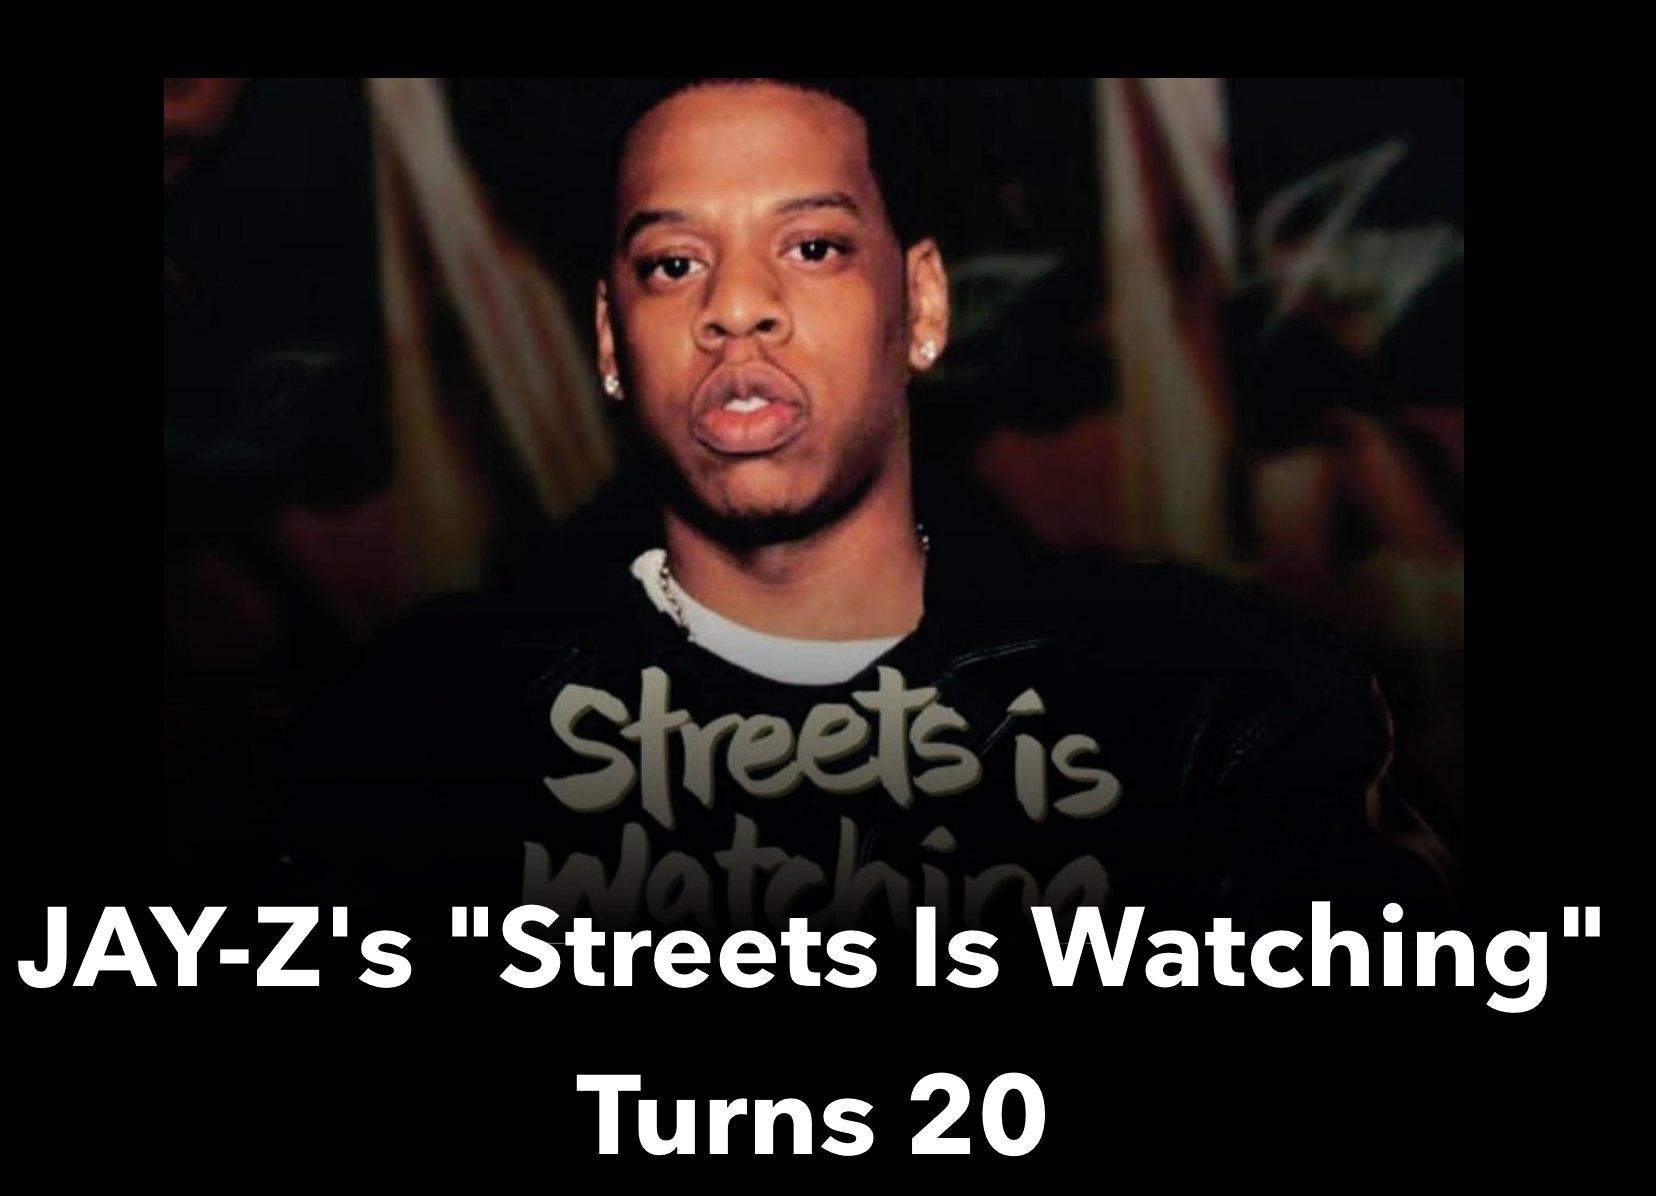 Watch! #StreetsIsWatching https://t.co/n9rGK6wQr9 #TIDAL https://t.co/LvuiY9jWyw